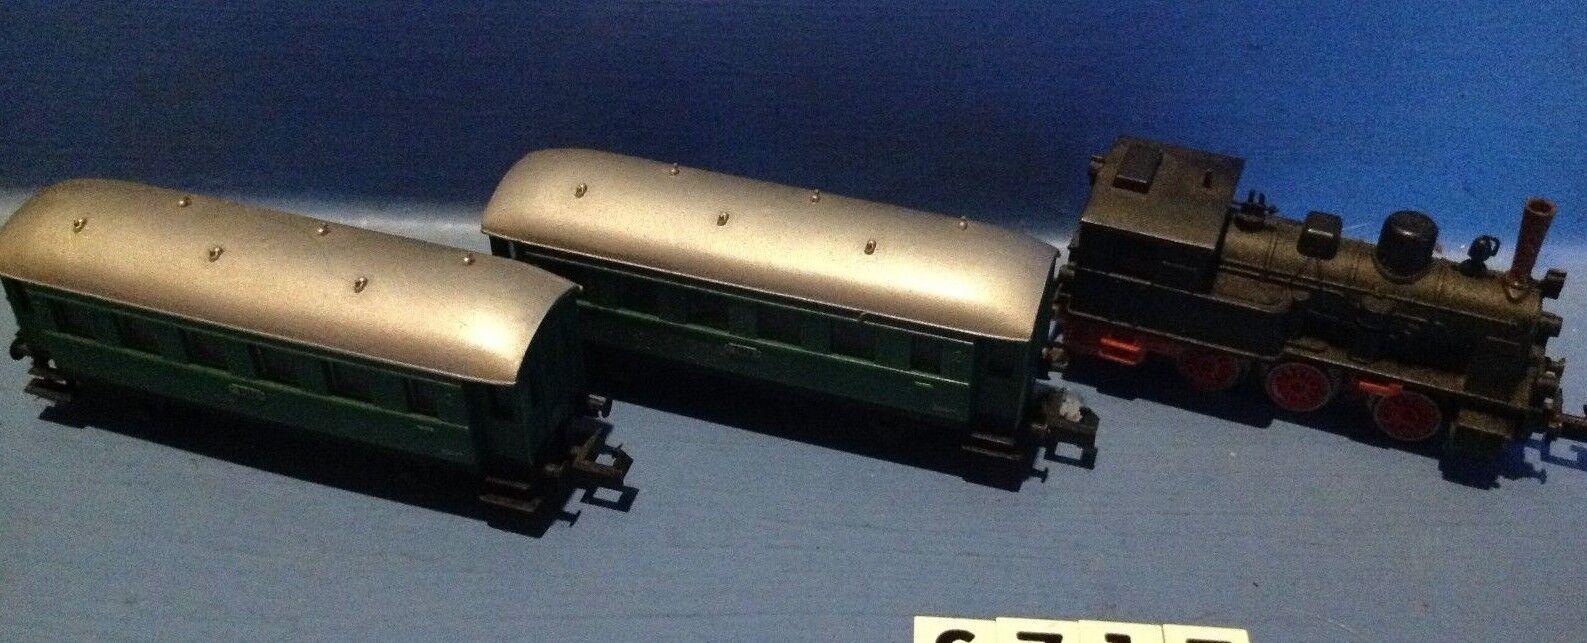 S717  ensemble locomotive et 2 wagons passagers Arnold ech N